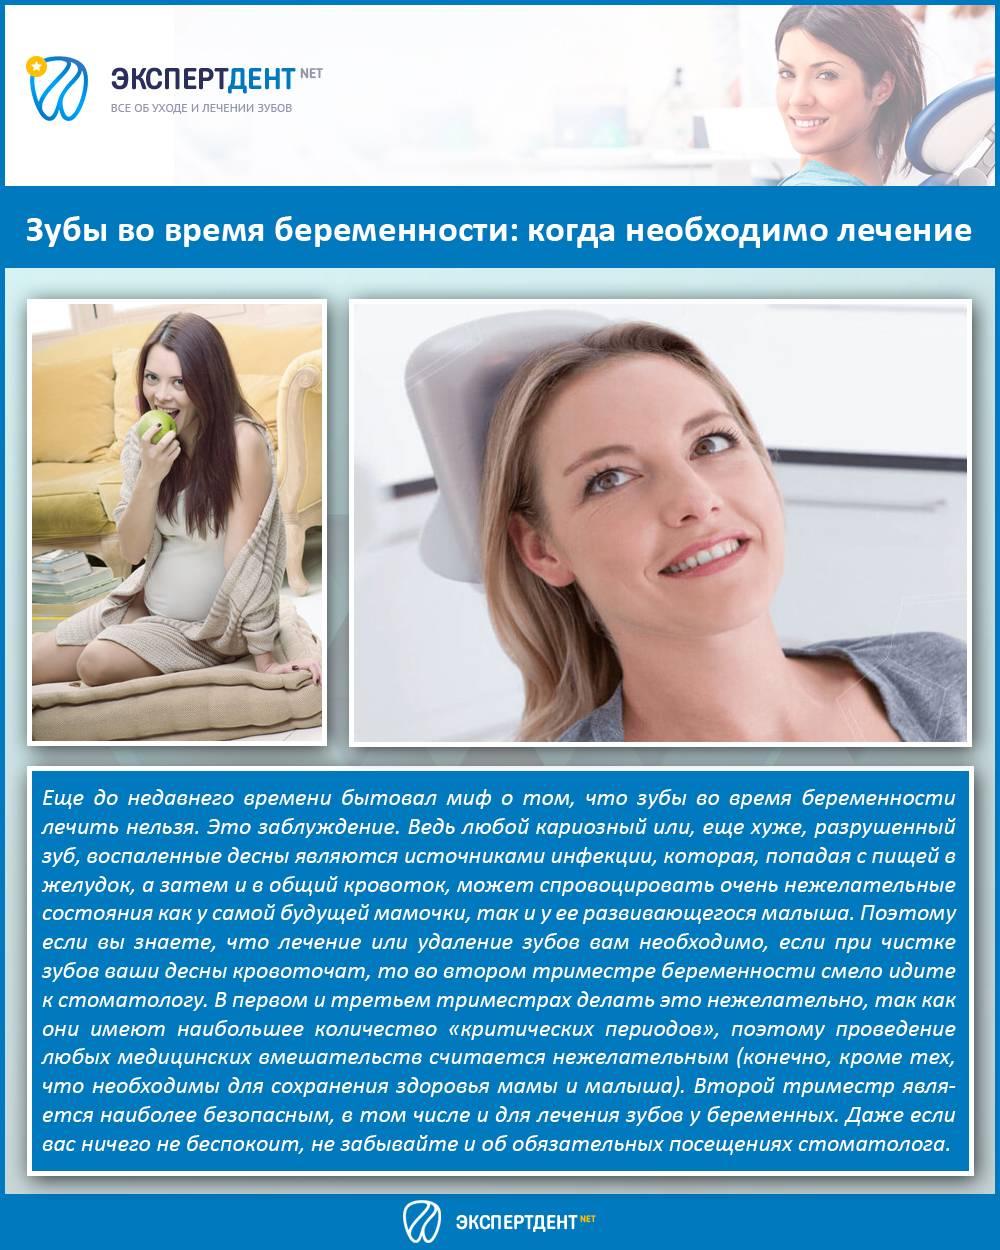 Лечение зубов при беременности: что можно, а что нельзя - много зубов